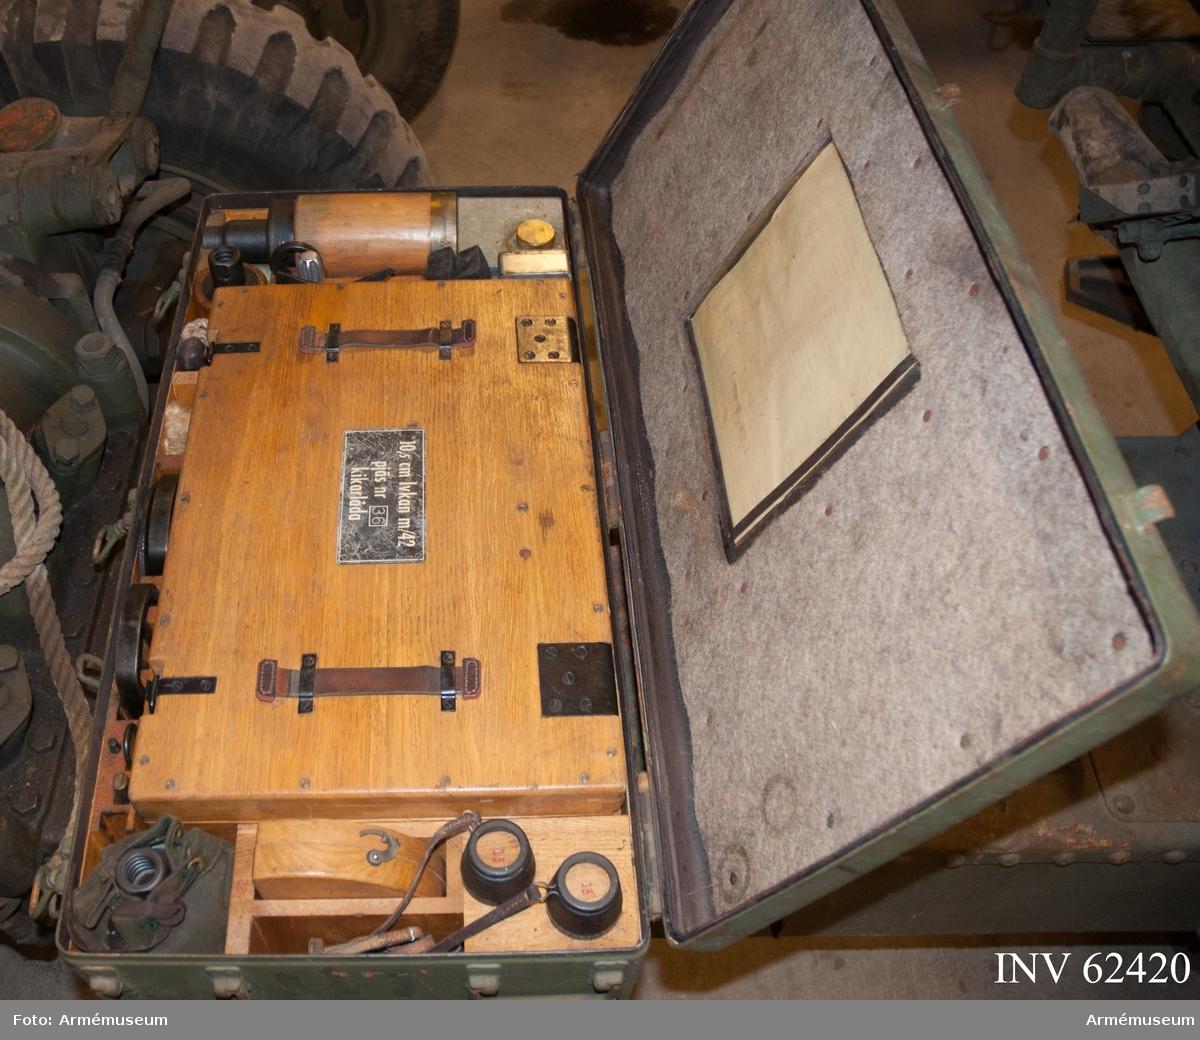 Grupp F I. Lavettlåda till 10,5 cm luftvärnskanon m/1942, nr 36. Samhörande är kanon, reservdelar i låda, verktyg i låda, nattbelysning i låda, lavettlåda med kikare och kvadrant.